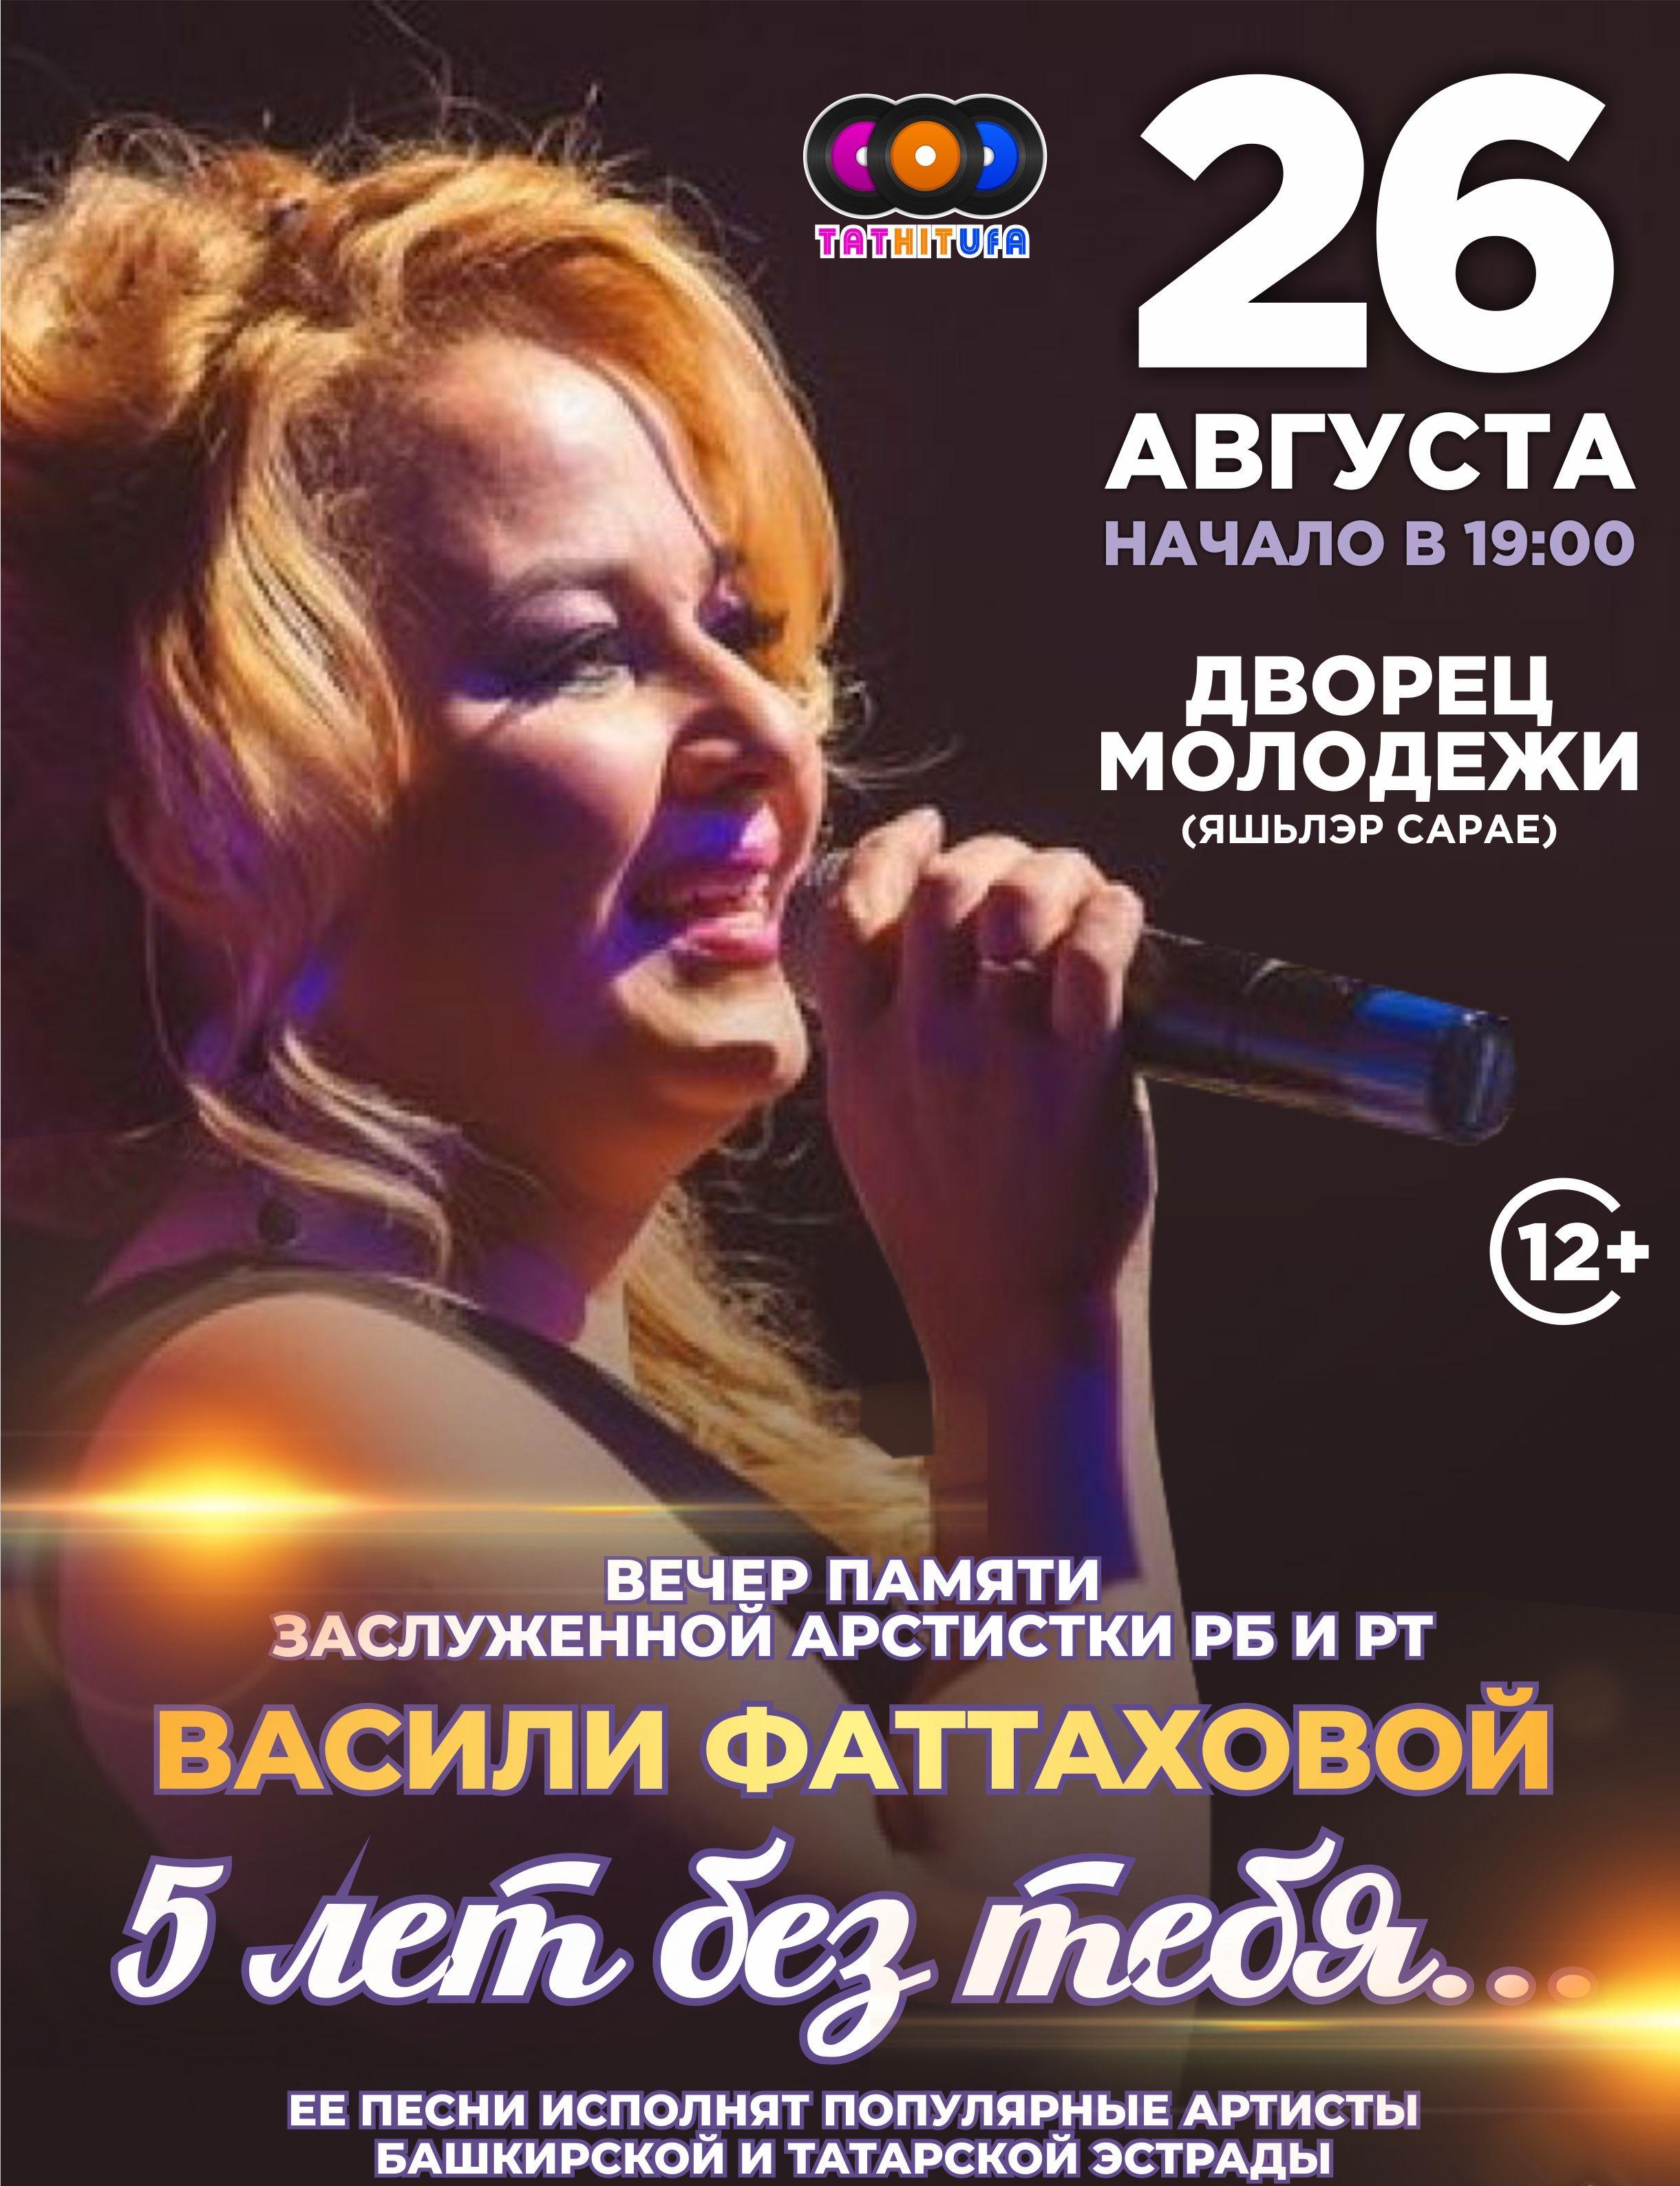 Концерт памяти Васили Фаттаховой «5 лет без тебя»